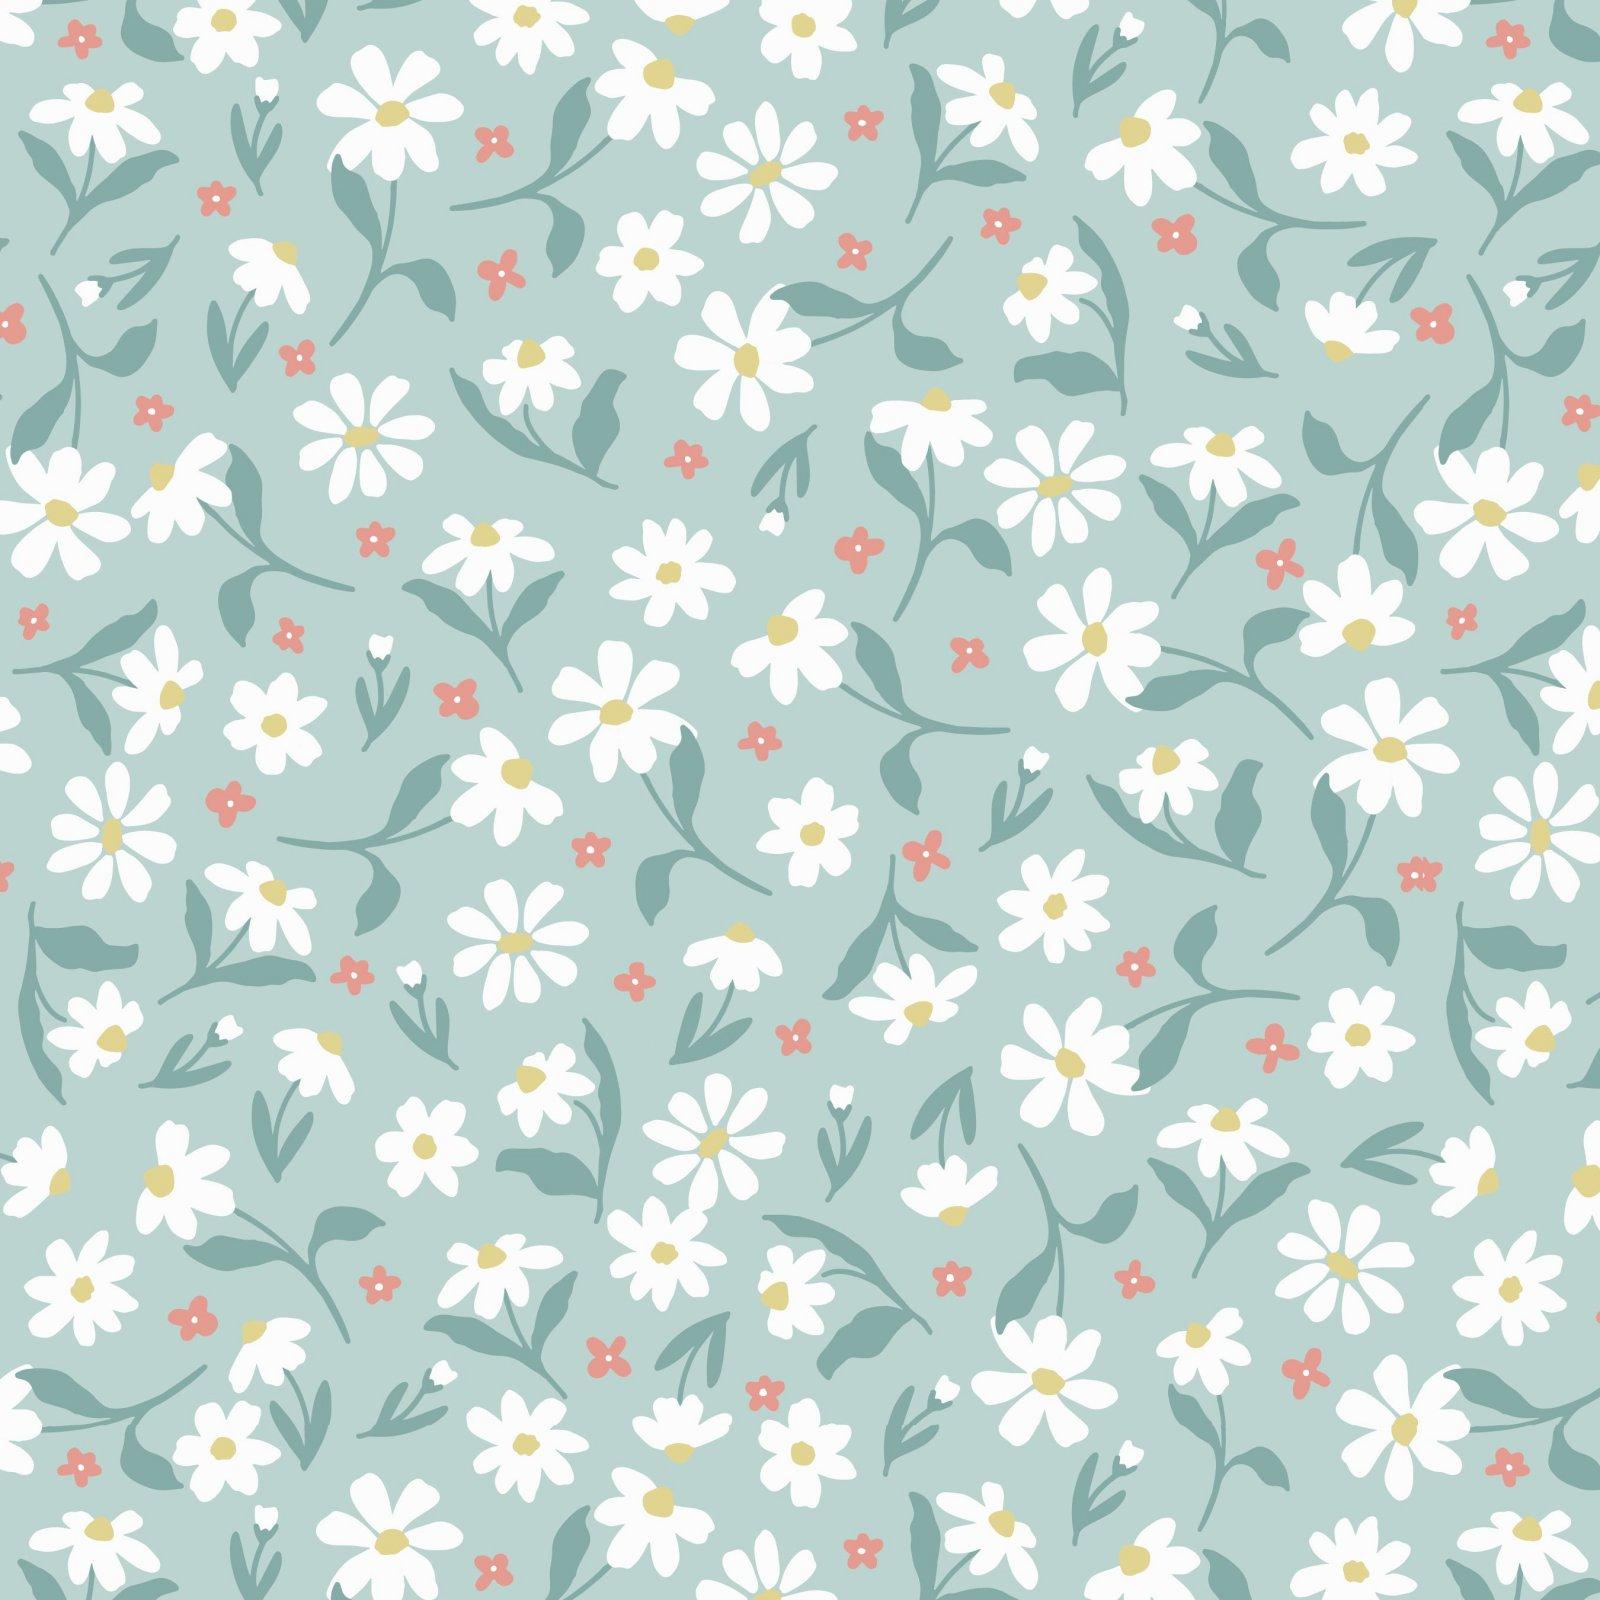 SE-Blossom & Grow 6099-11 Aqua - Daisy Toss